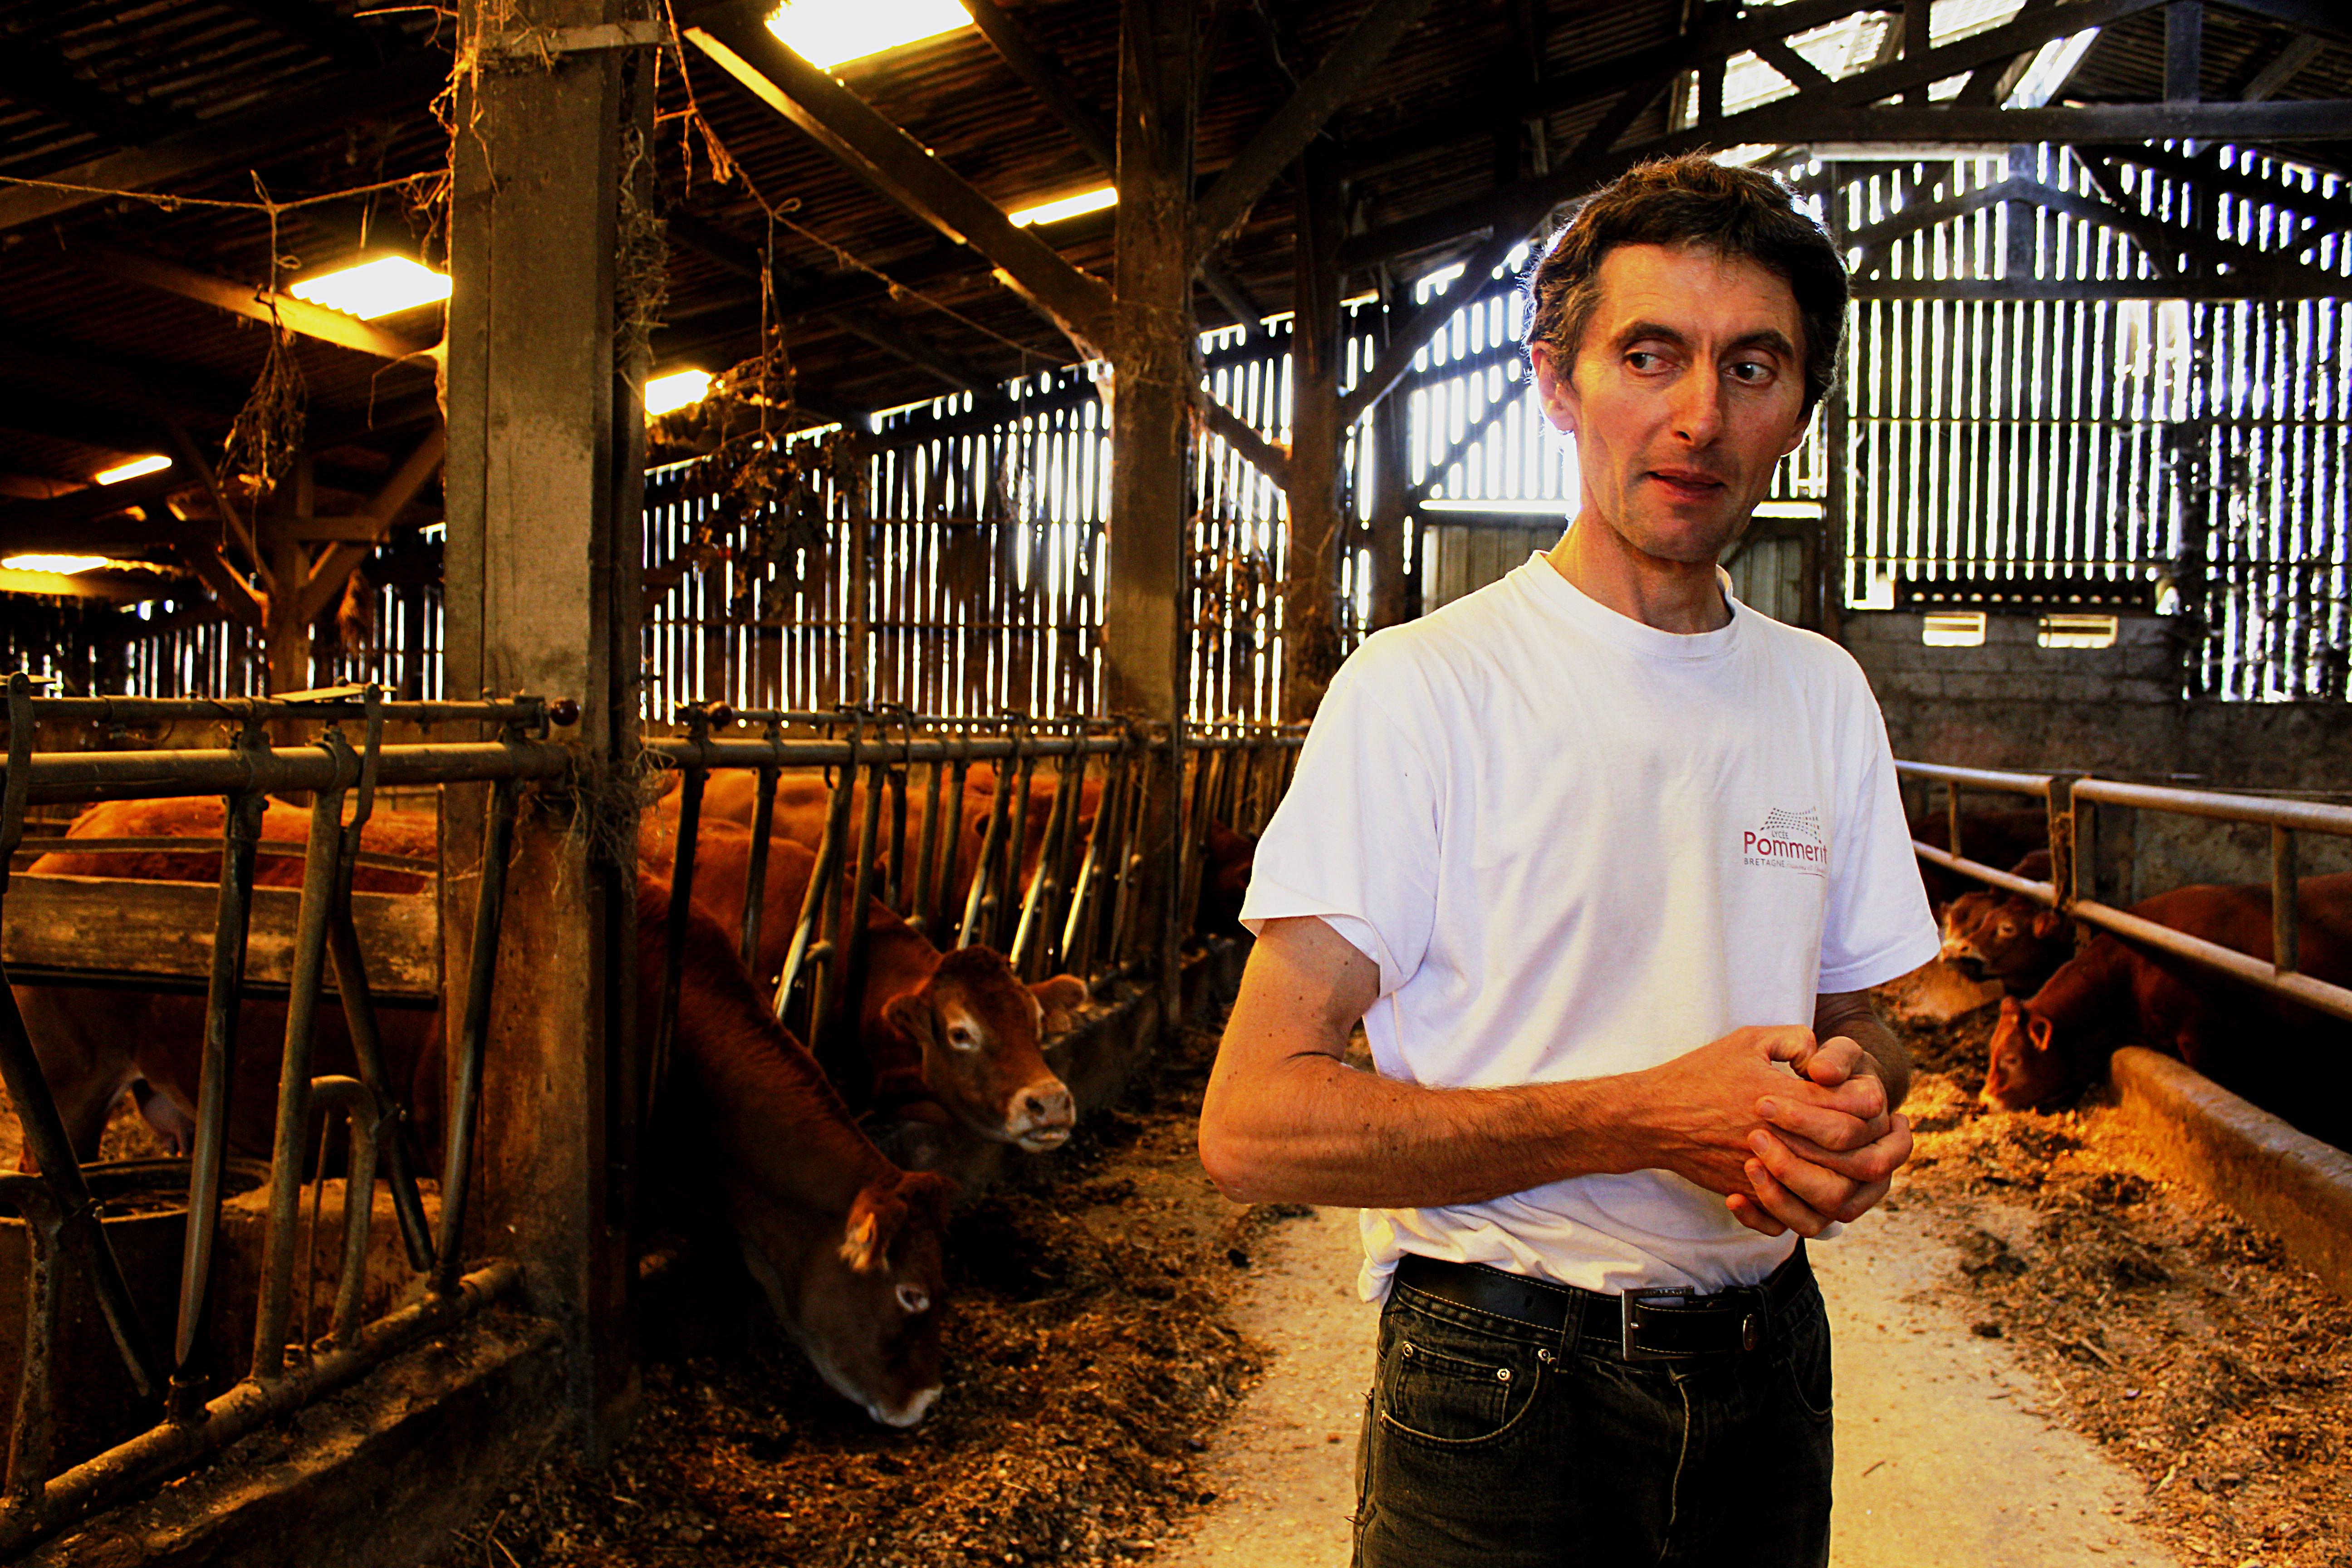 Jean-Yves Alain, agriculteur est installé en conventionnel à Ploubezre, près du Min Ran, cours d'eau non labellisé du bassin versant. De sa haute taille, il parcourt avec attachement les terres appartenant à sa famille depuis trois siècles. Le producteur a repris l'activité en 1992. Il élève une soixantaine de bovins et utilise des pesticides dans la production de leur nourriture.